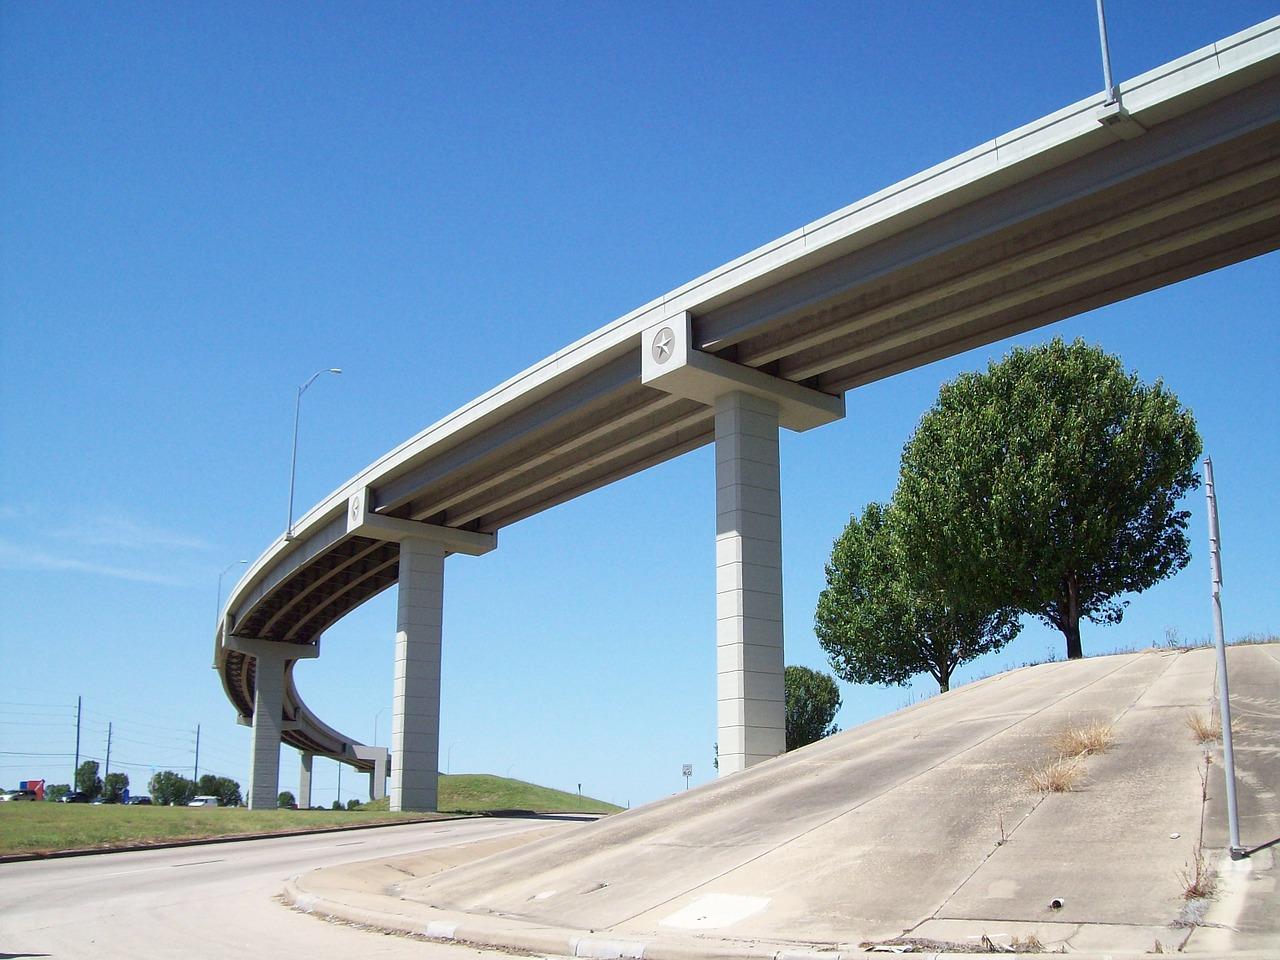 el-pago-de-los-servicios-publicos-la-burbuja-de-la-construccion-de-infraestructuras-y-el-debate-sobre-los-peajes-en-las-autovias